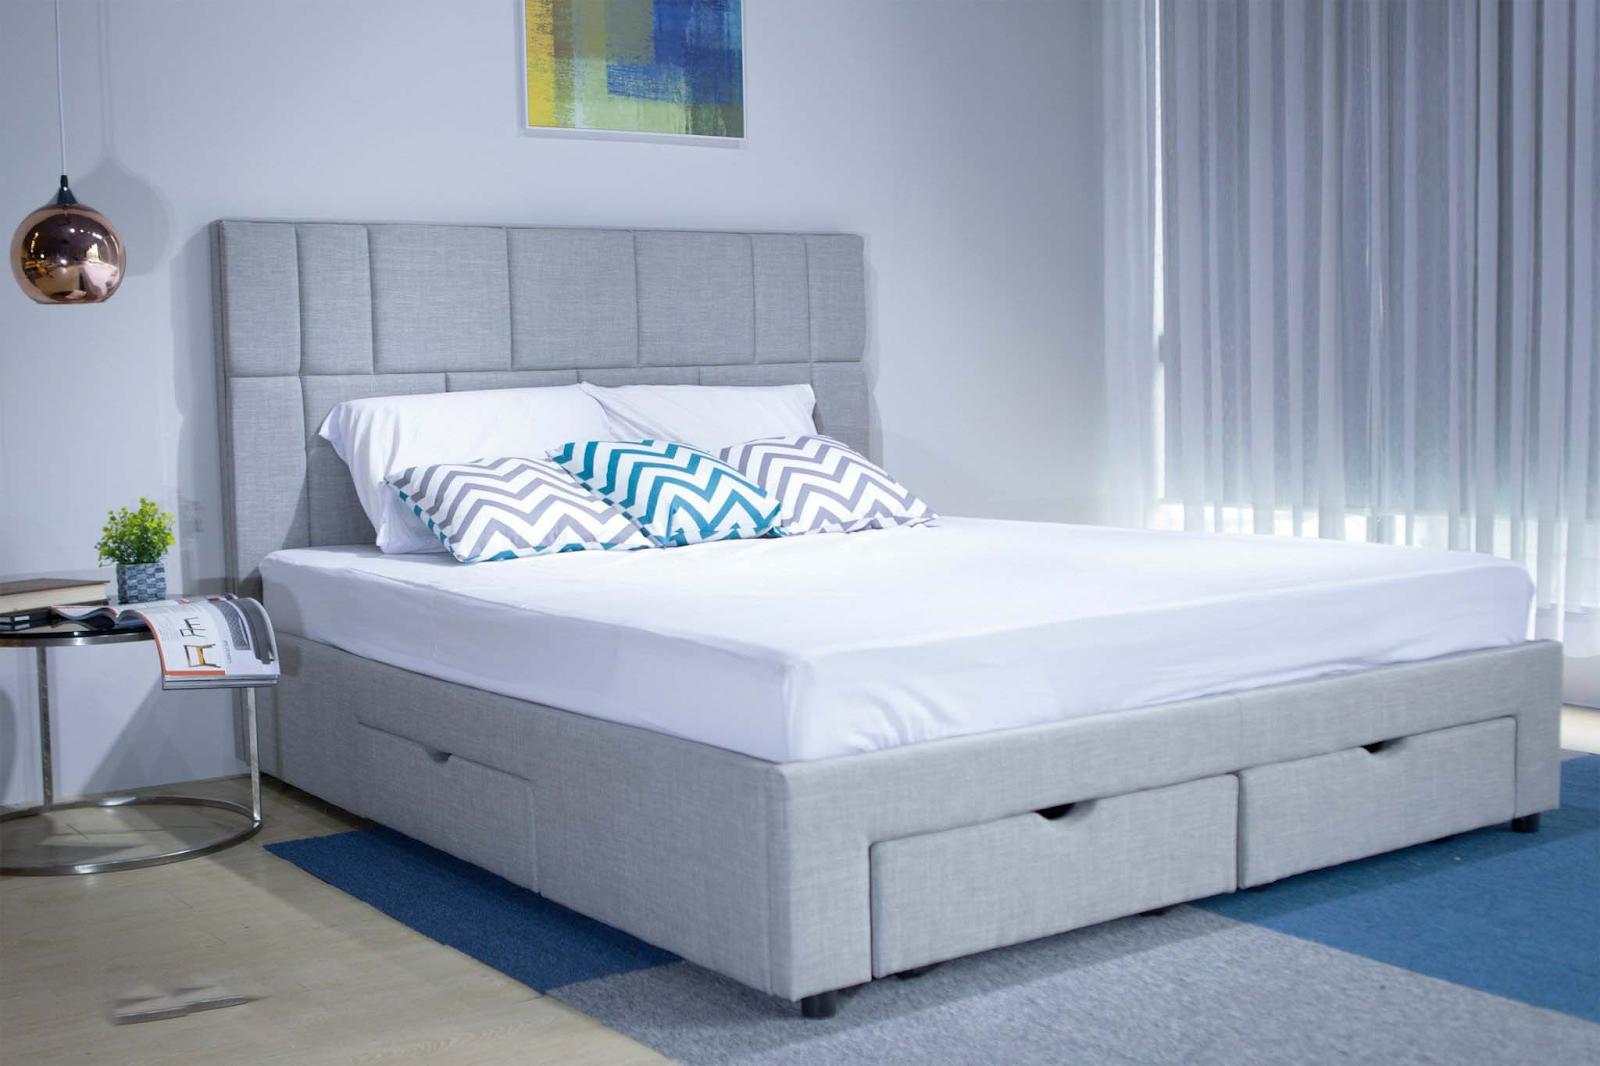 Giường ngủ thông minh là xu hướng tiêu dùng